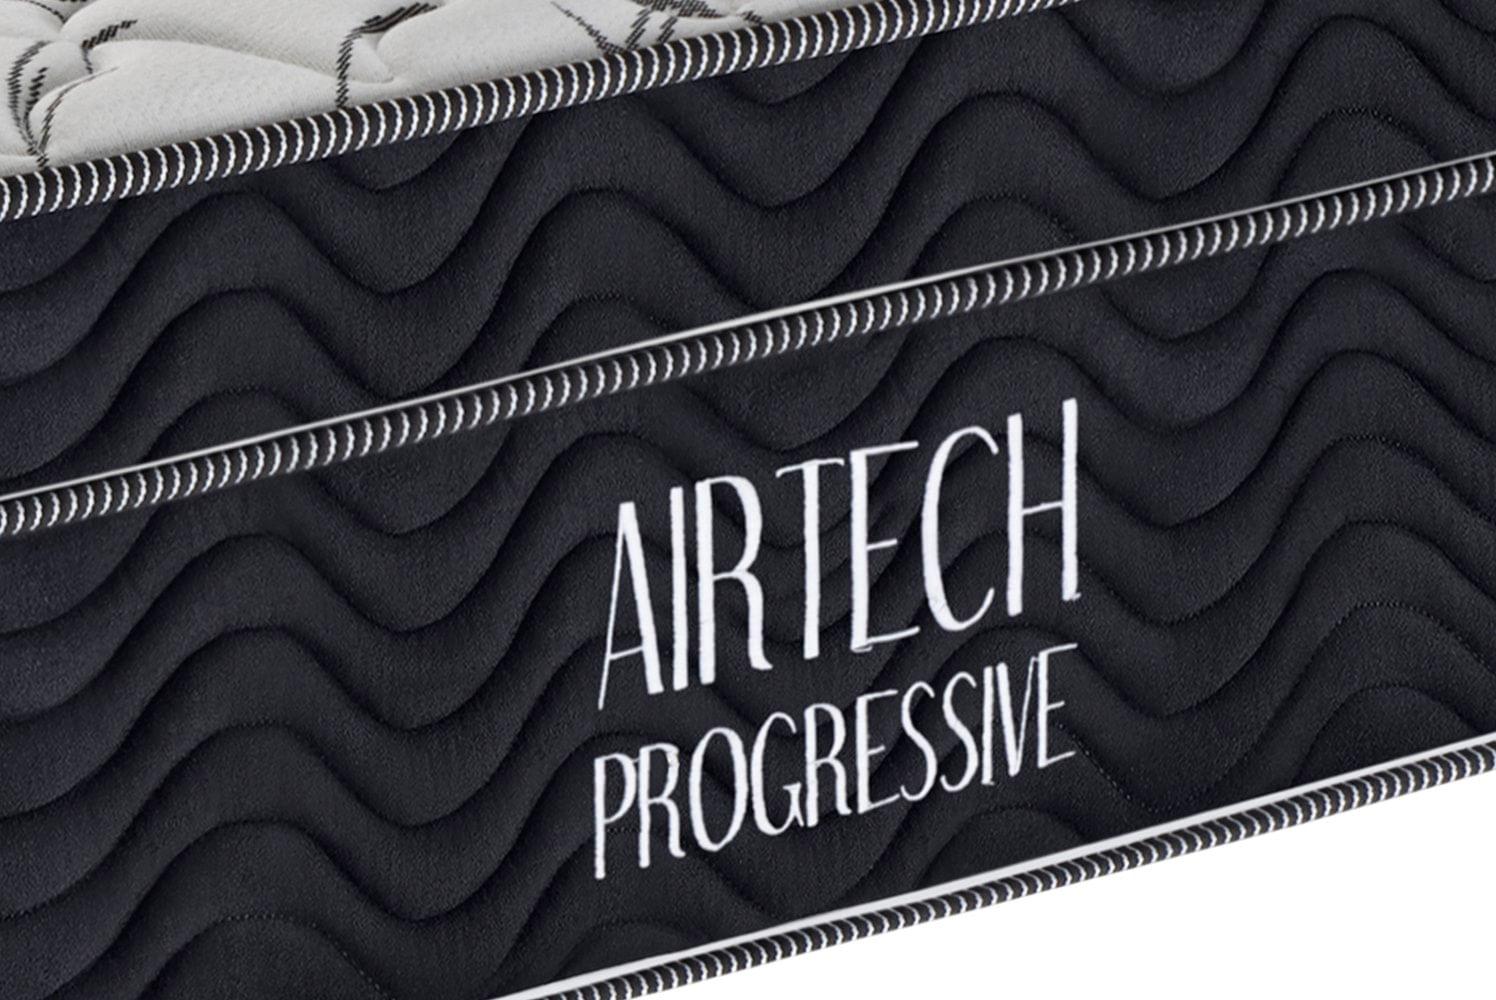 Colchao Airtech Progressive Nanolastic Solteiro 88 cm (LARG) -  49049